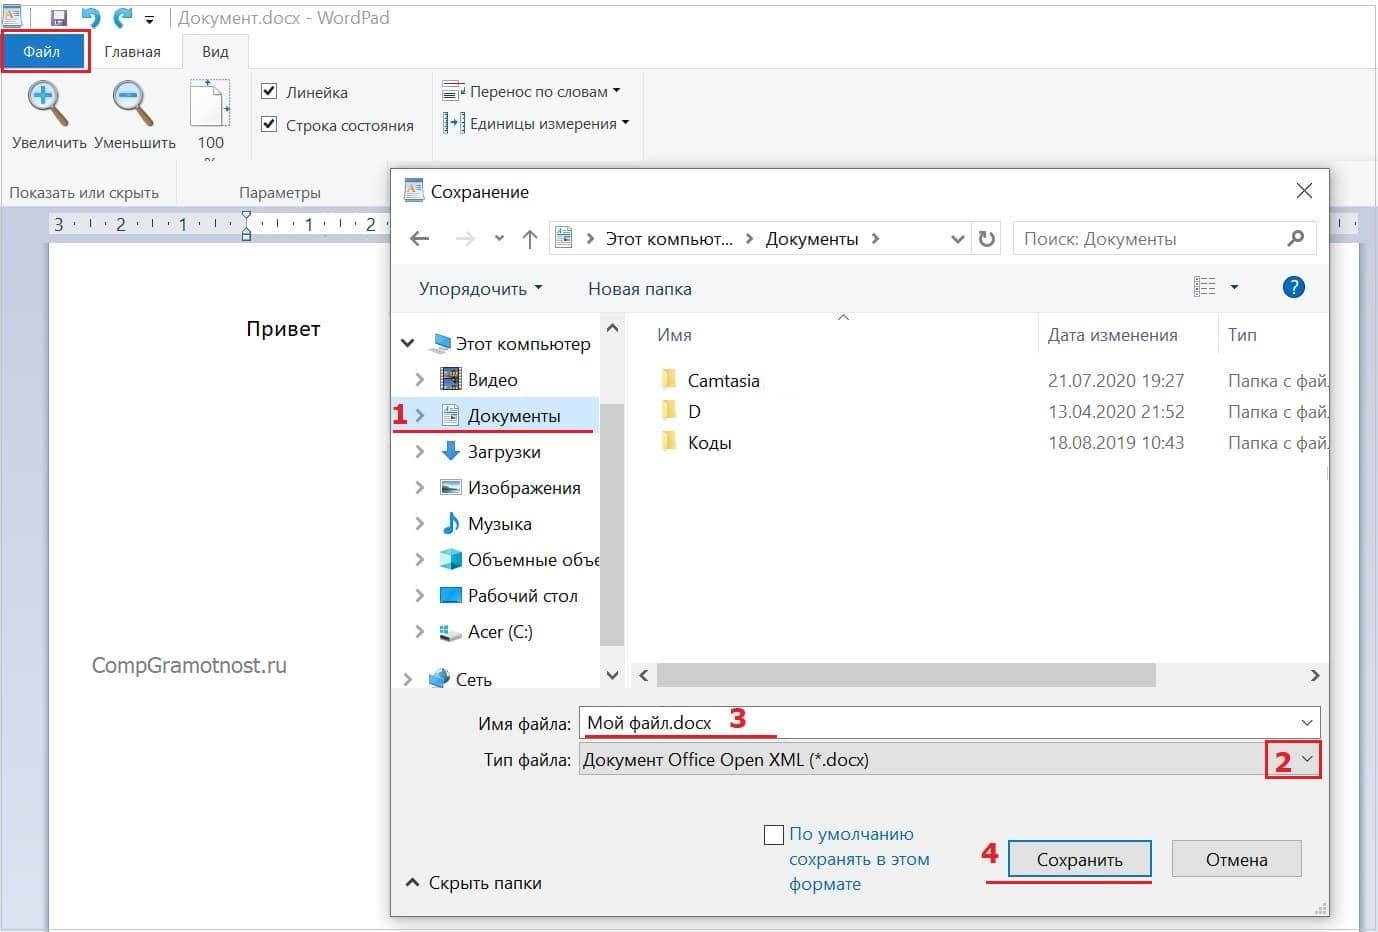 Ввод текста в WordPad и сохранение в docx